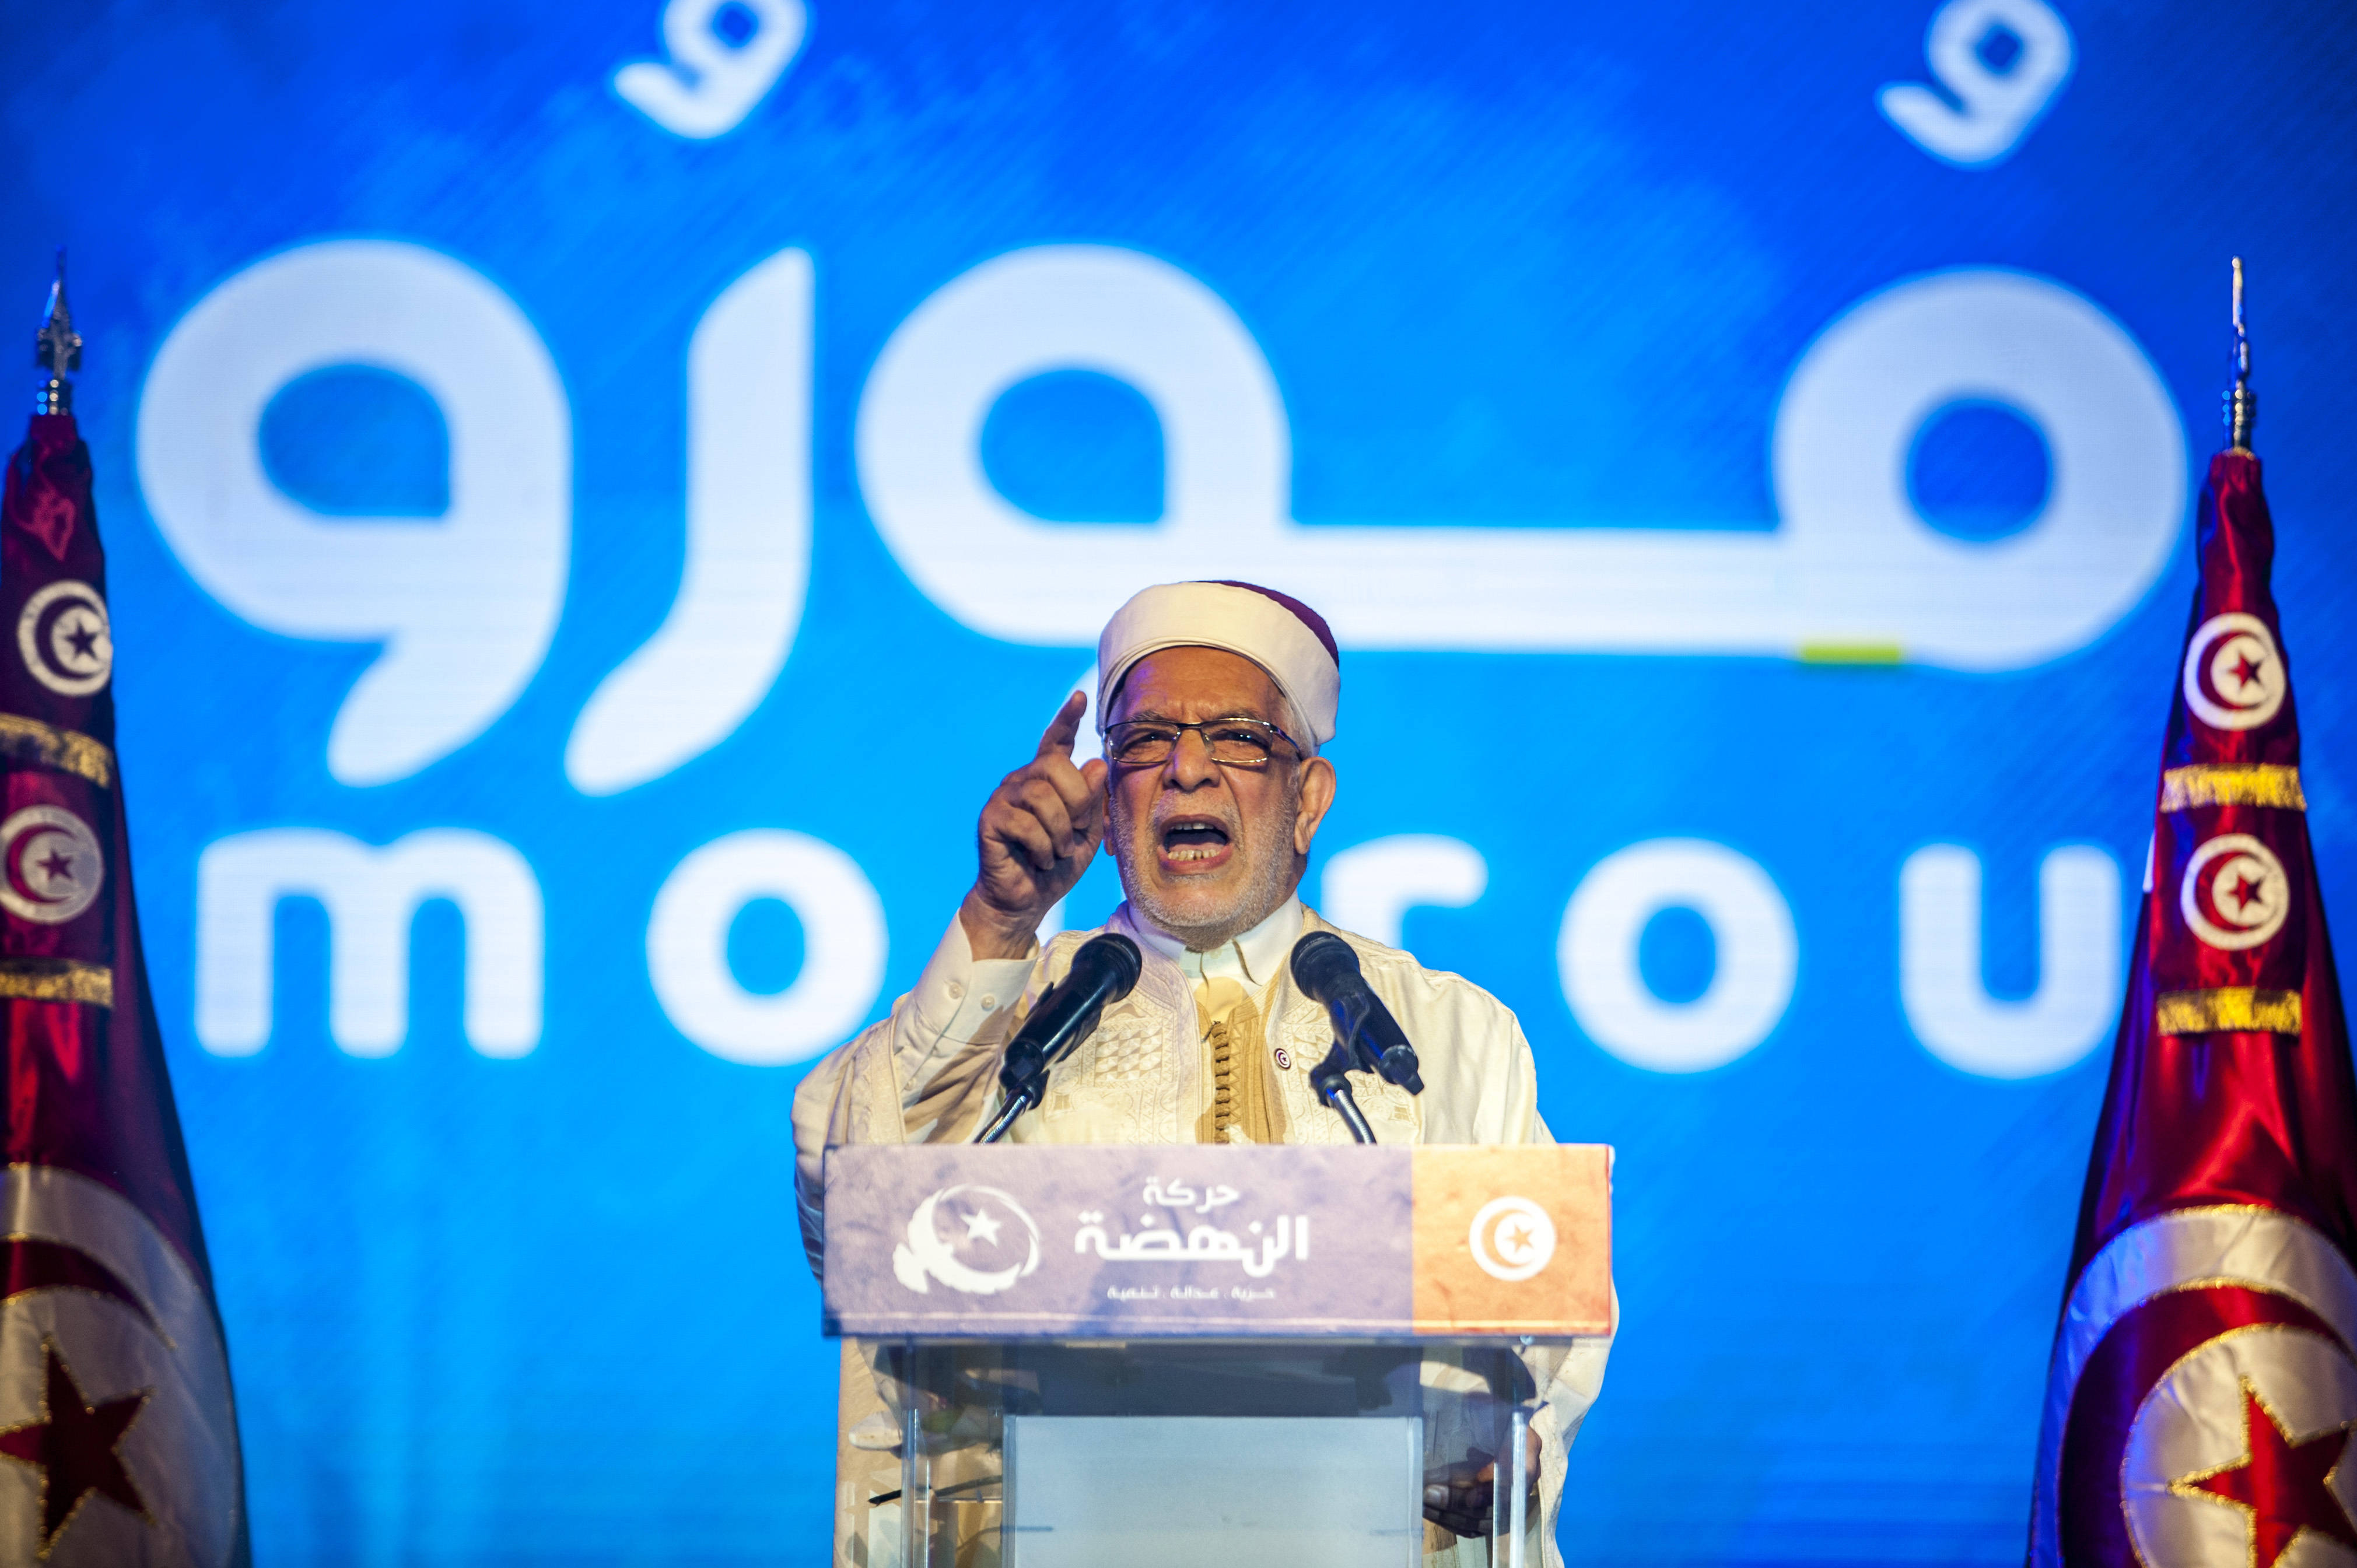 Abdelfattah Mourou, le candidat du parti islamiste Ennahdha à l'élection présidentielle, vendredi 30 août 2019 lors d'un meeting à Tunis.